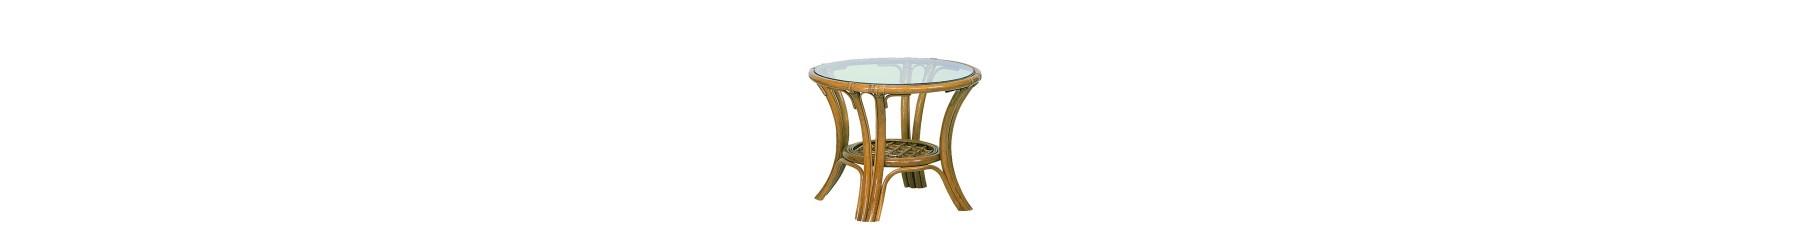 Τραπέζια από επιλεγμένα καλάμια  Bamboo.